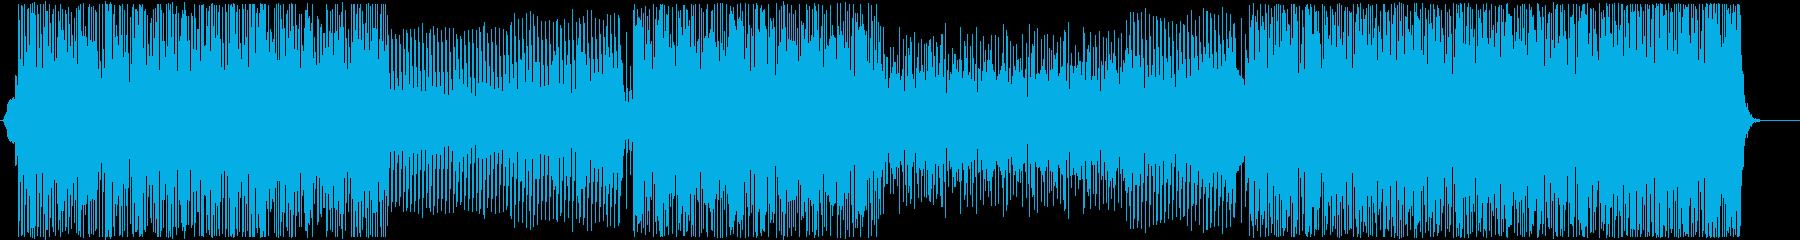 デジタル可愛いエレクトロポップ-ダンスの再生済みの波形